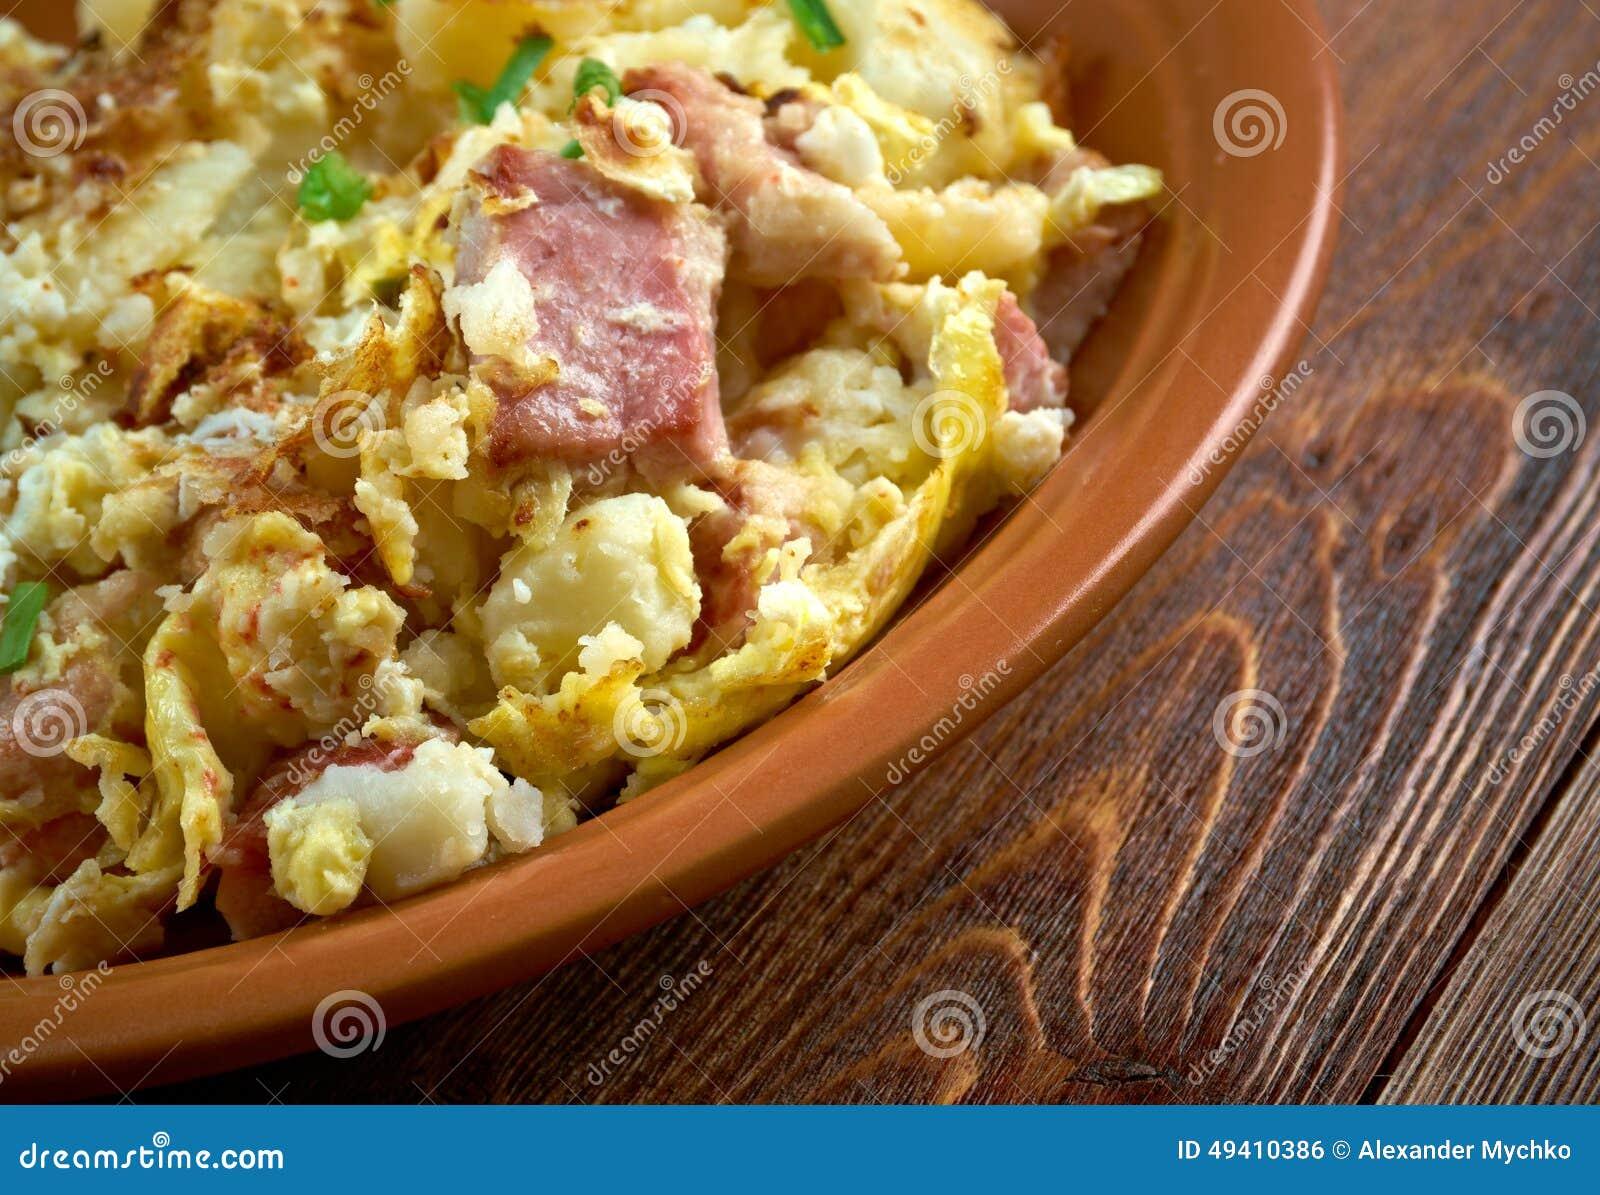 Download Bauernfruhstuck stockfoto. Bild von kartoffeln, speck - 49410386